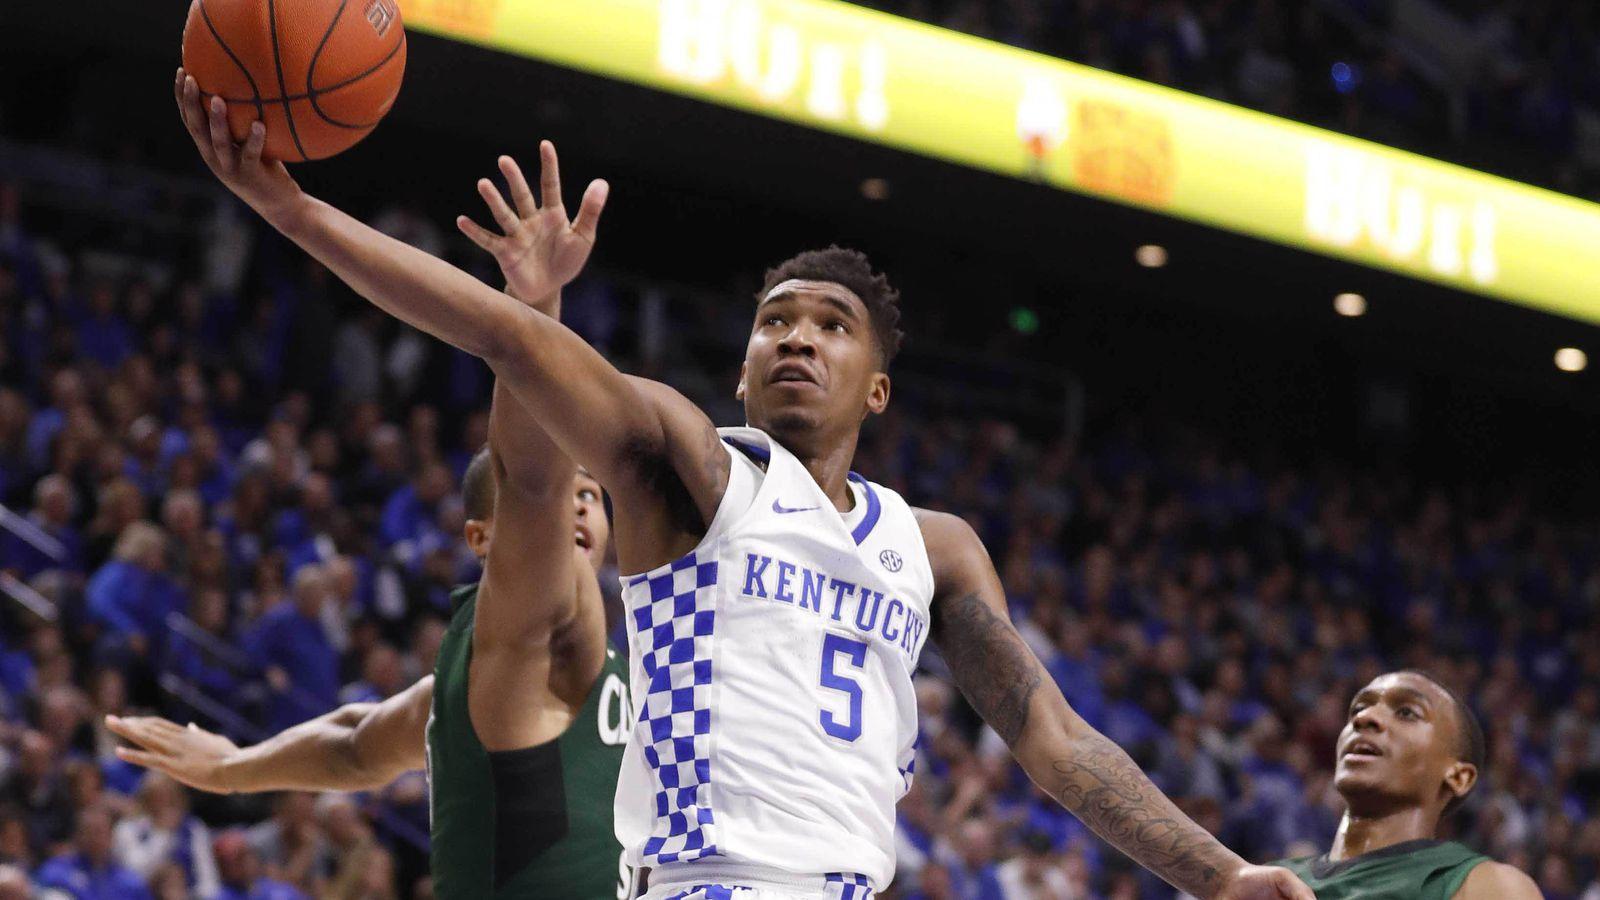 Kentucky Wildcats Basketball Vs Centre Game Time Tv: Kentucky Basketball Vs Arizona State: Game Time, TV